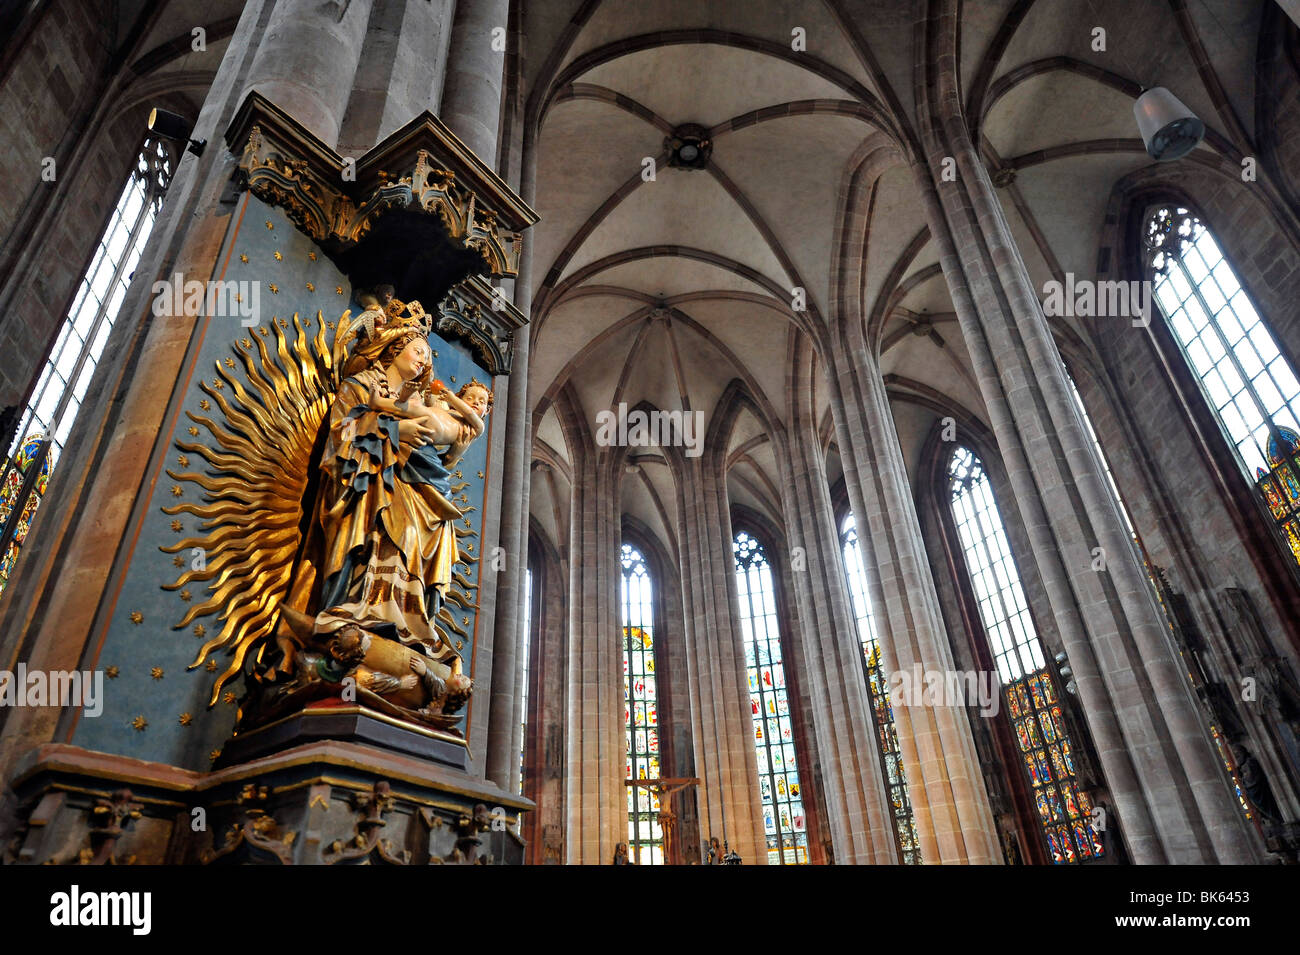 Ansicht der Madonna in der Aureole, Chor Halle, St. Sebaldus-Kirche, Nürnberg, Franken, Bayern, Deutschland, Stockbild